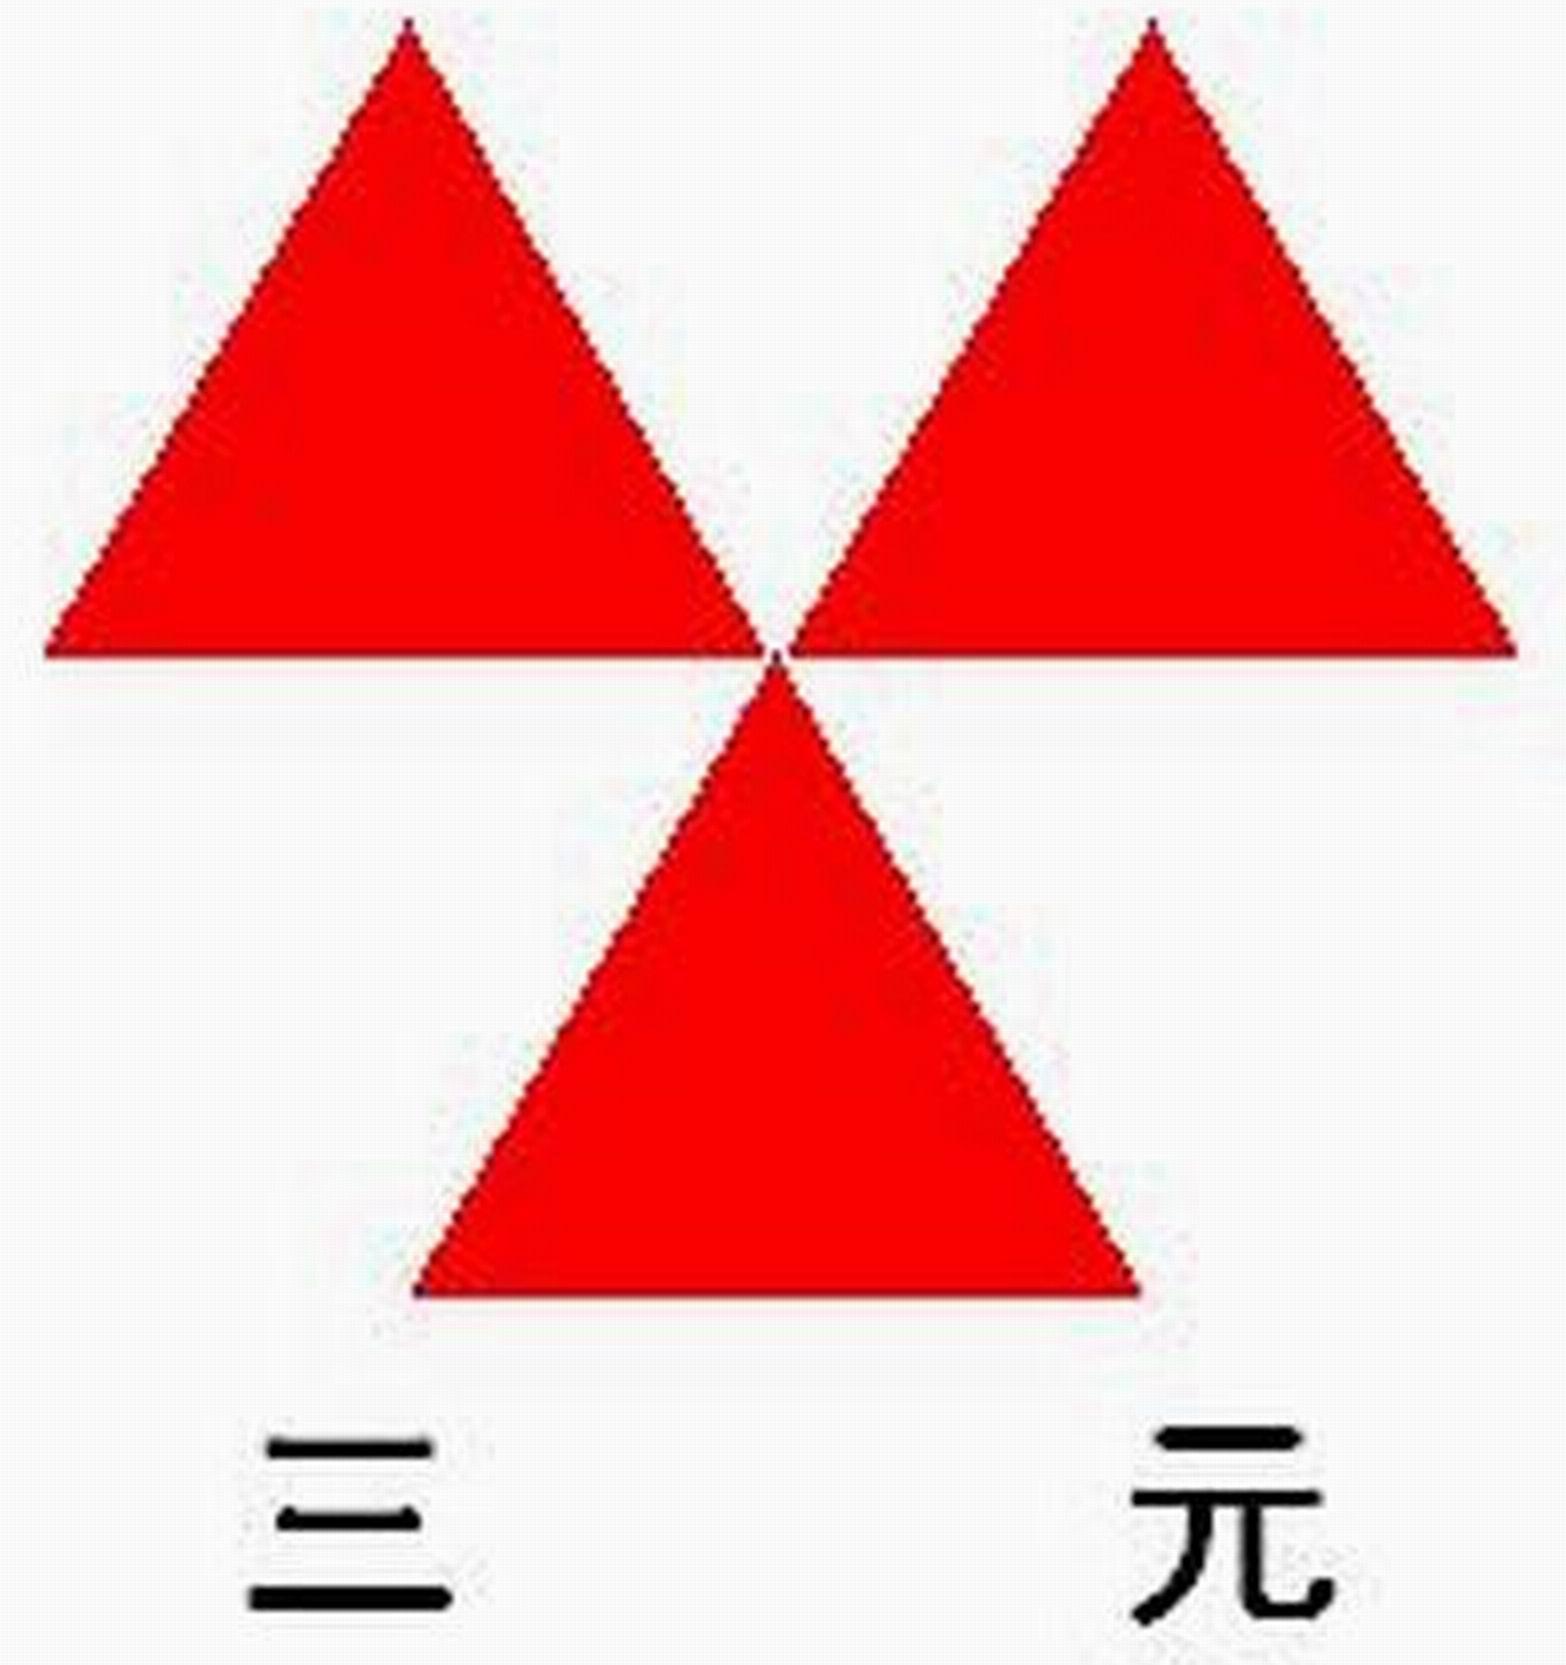 湘潭市三星仪器有限公司